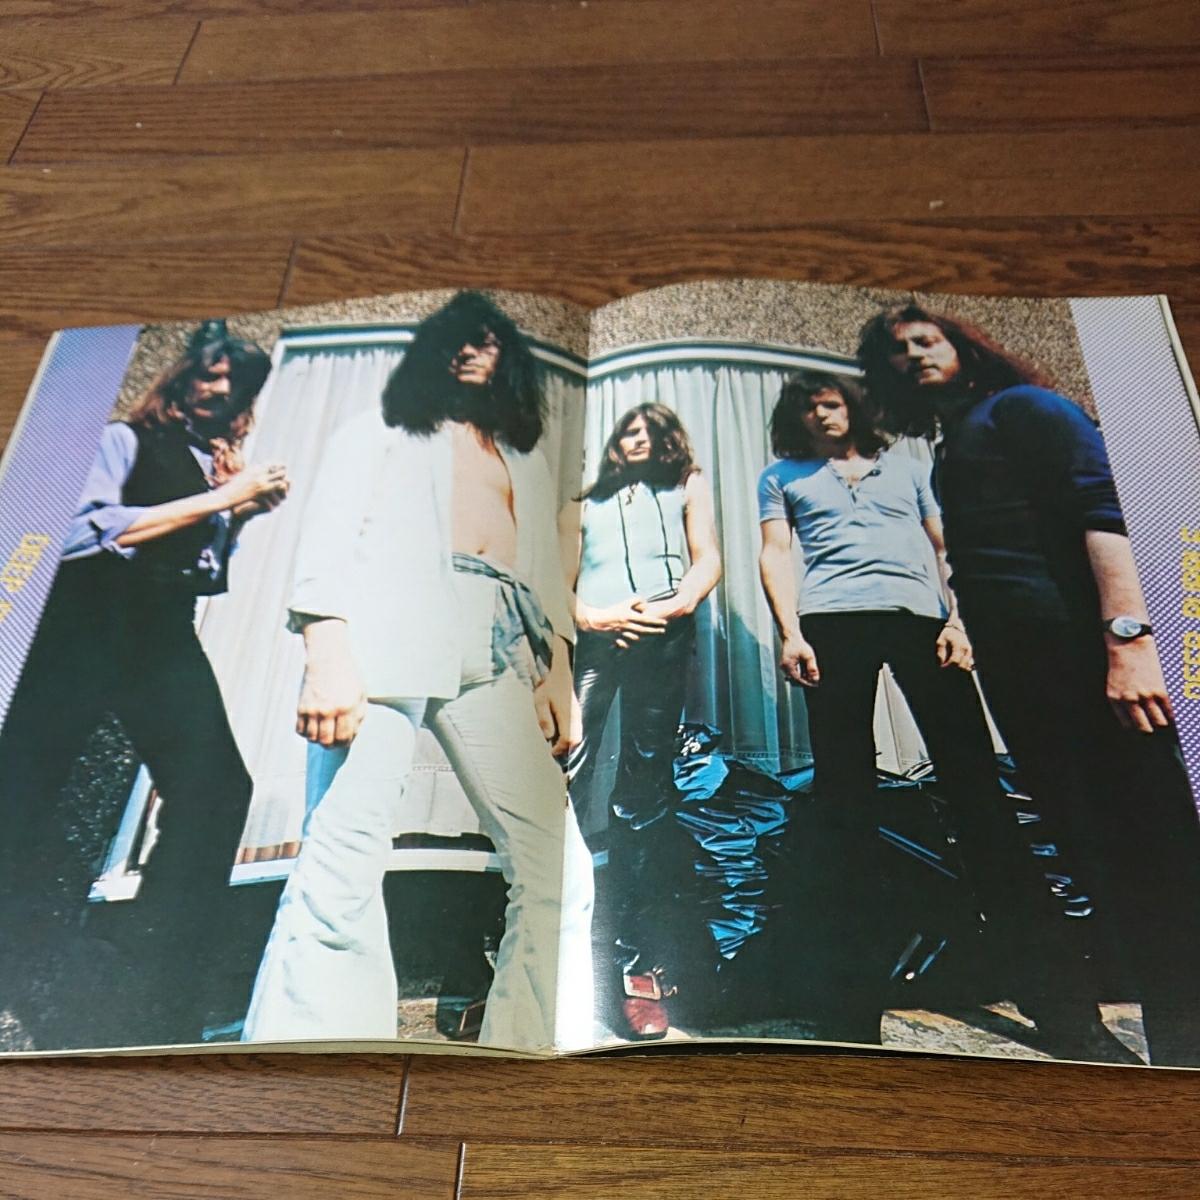 ディープ・パープル 1972年初来日パンフレット リッチー・ブラックモア、イアン・ギラン、ジョン・ロード、イアン・ペイス、ロジャー